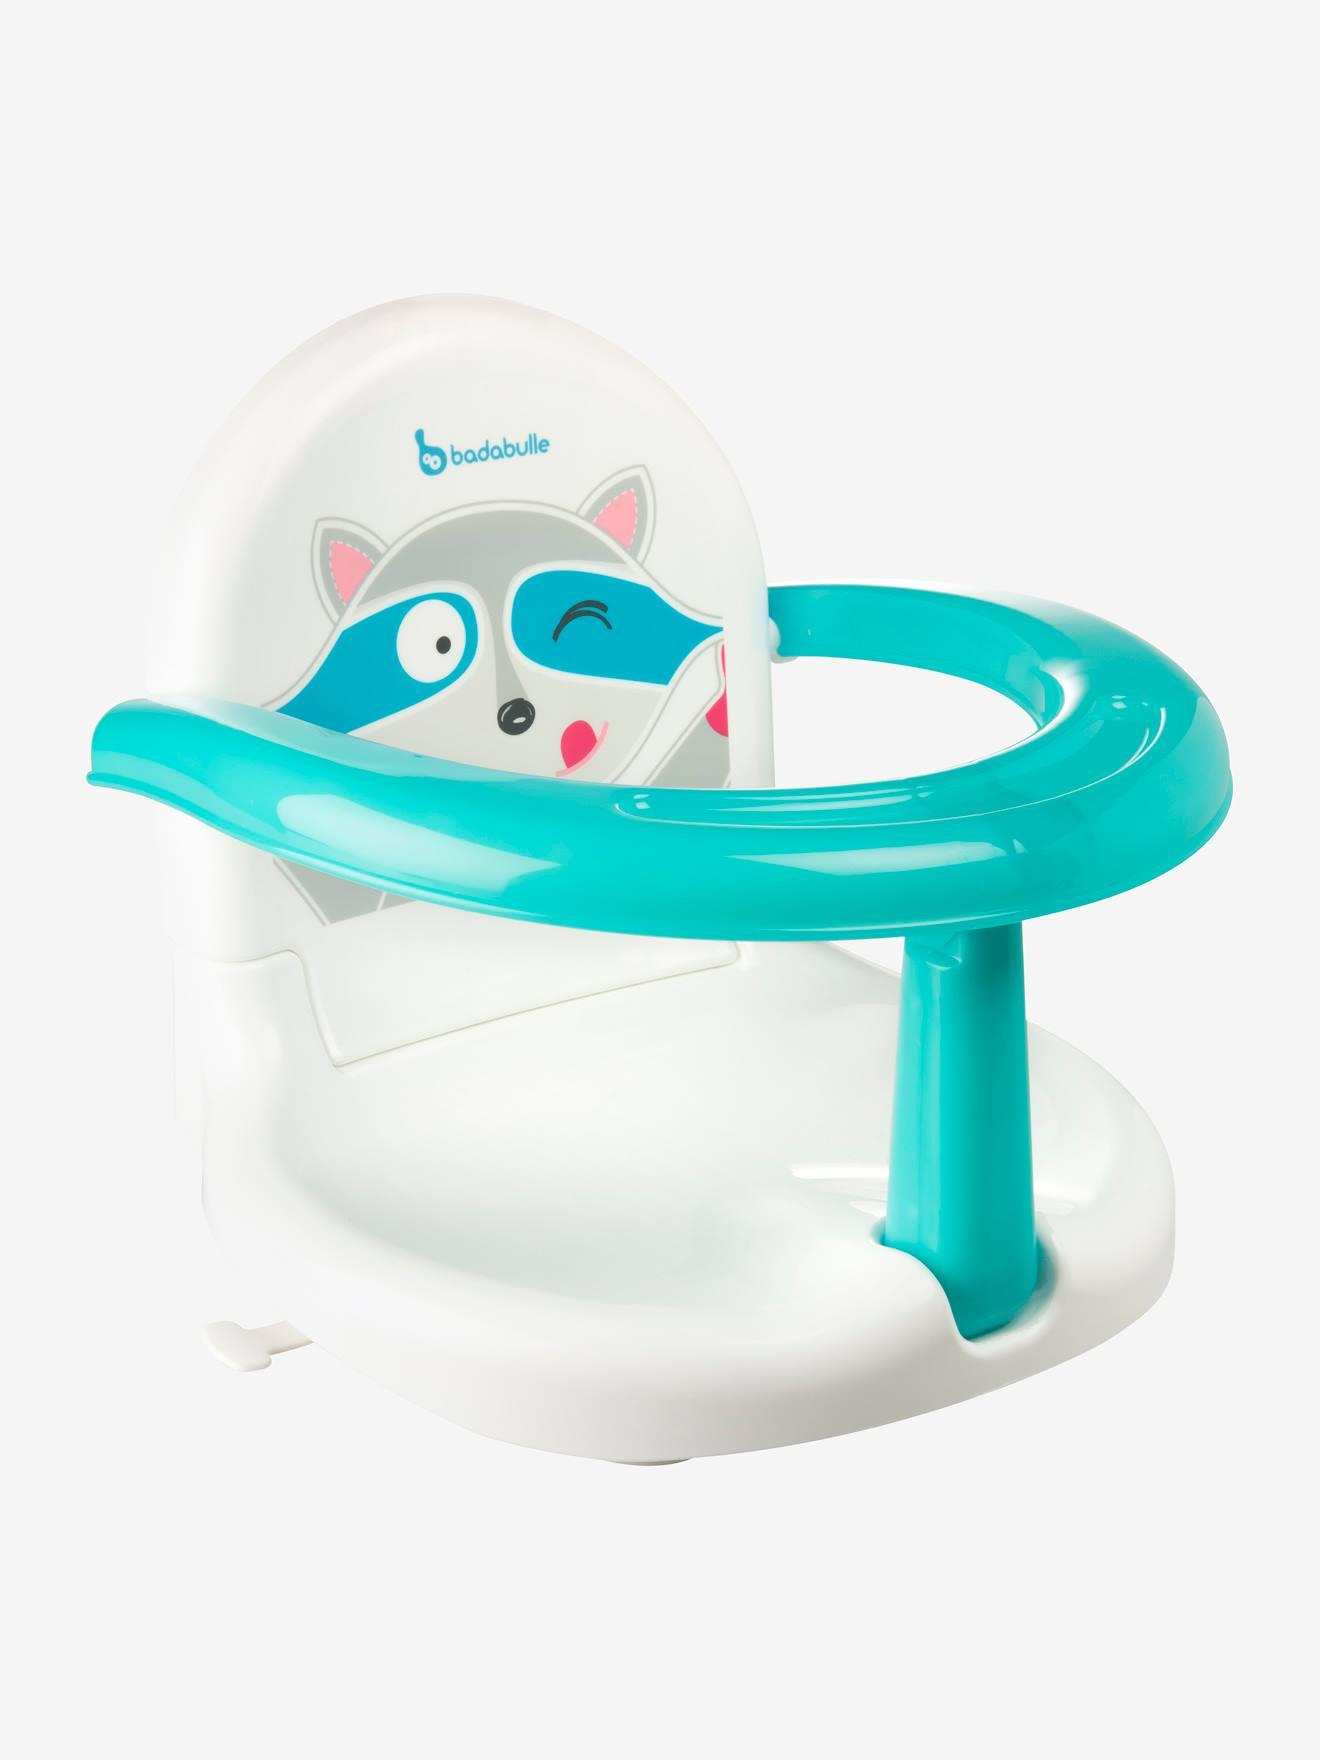 fauteuil de bain pliable badabulle raton blanc bleu